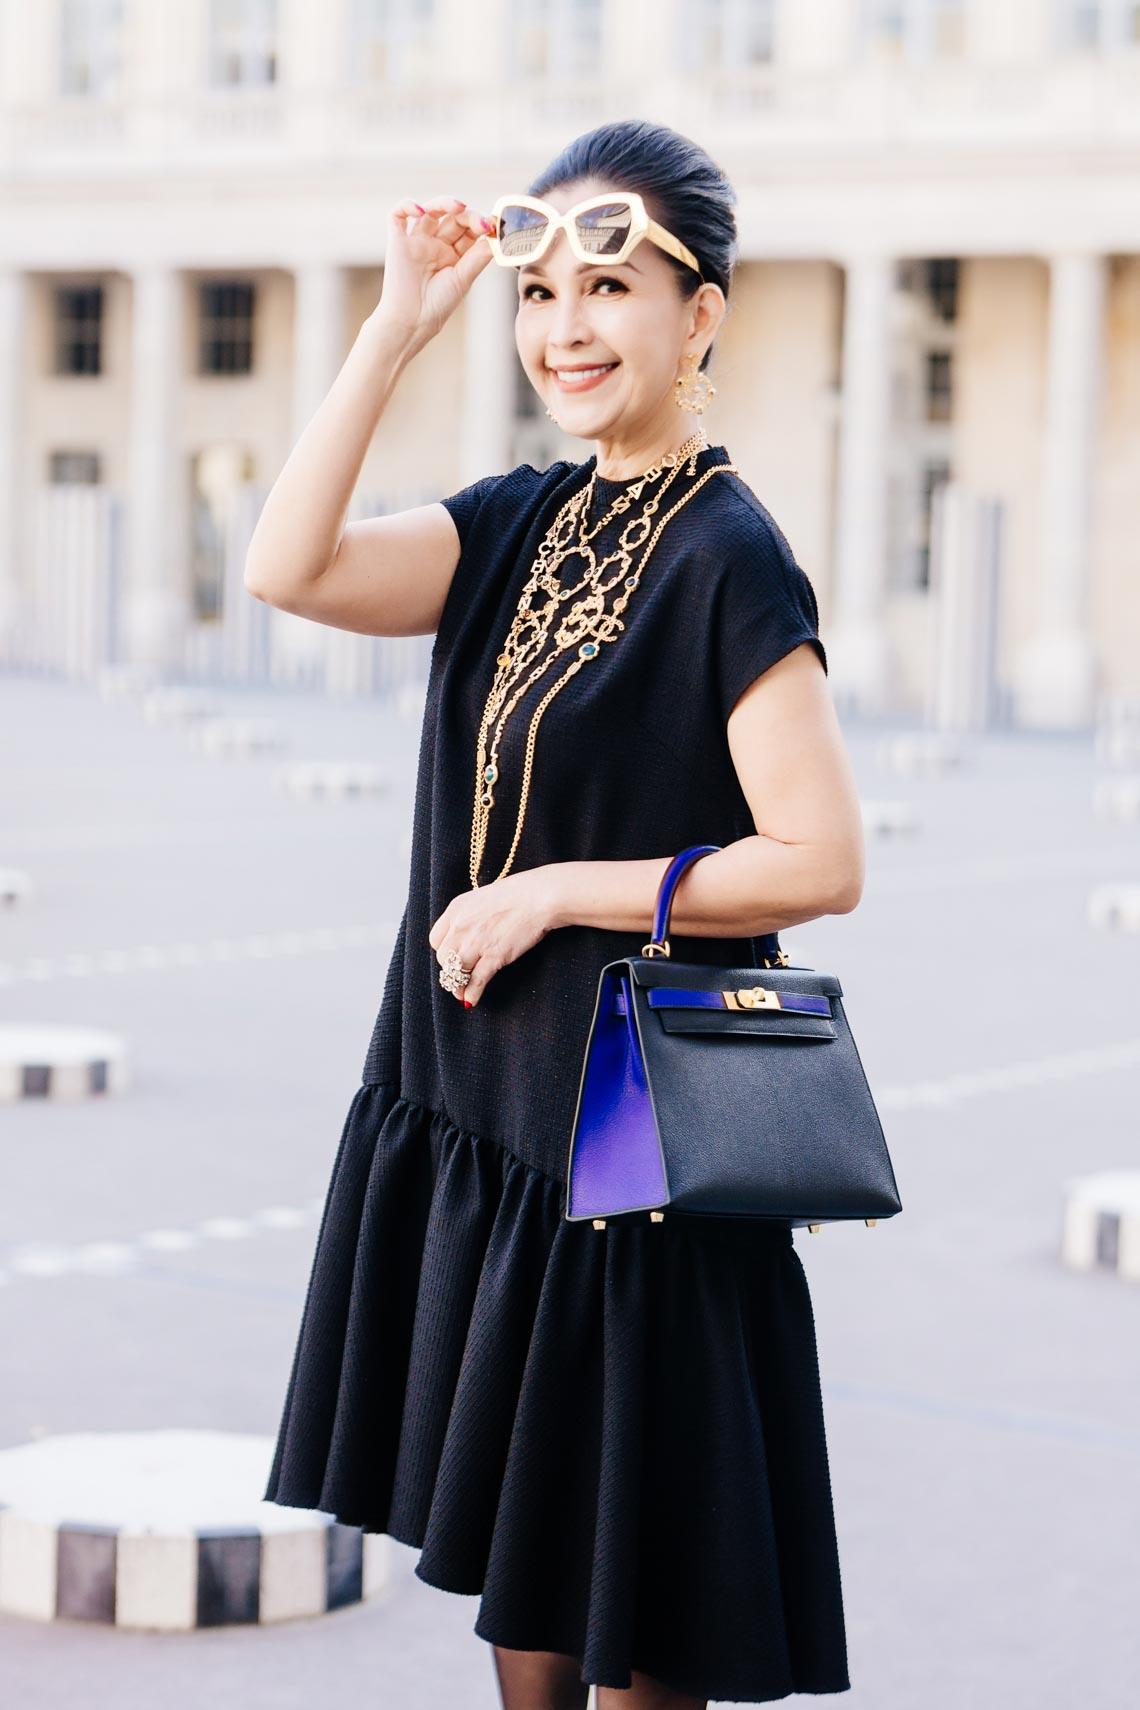 Diễm My sang trọng trong trang phục trắng đen dạo phố Paris - 2